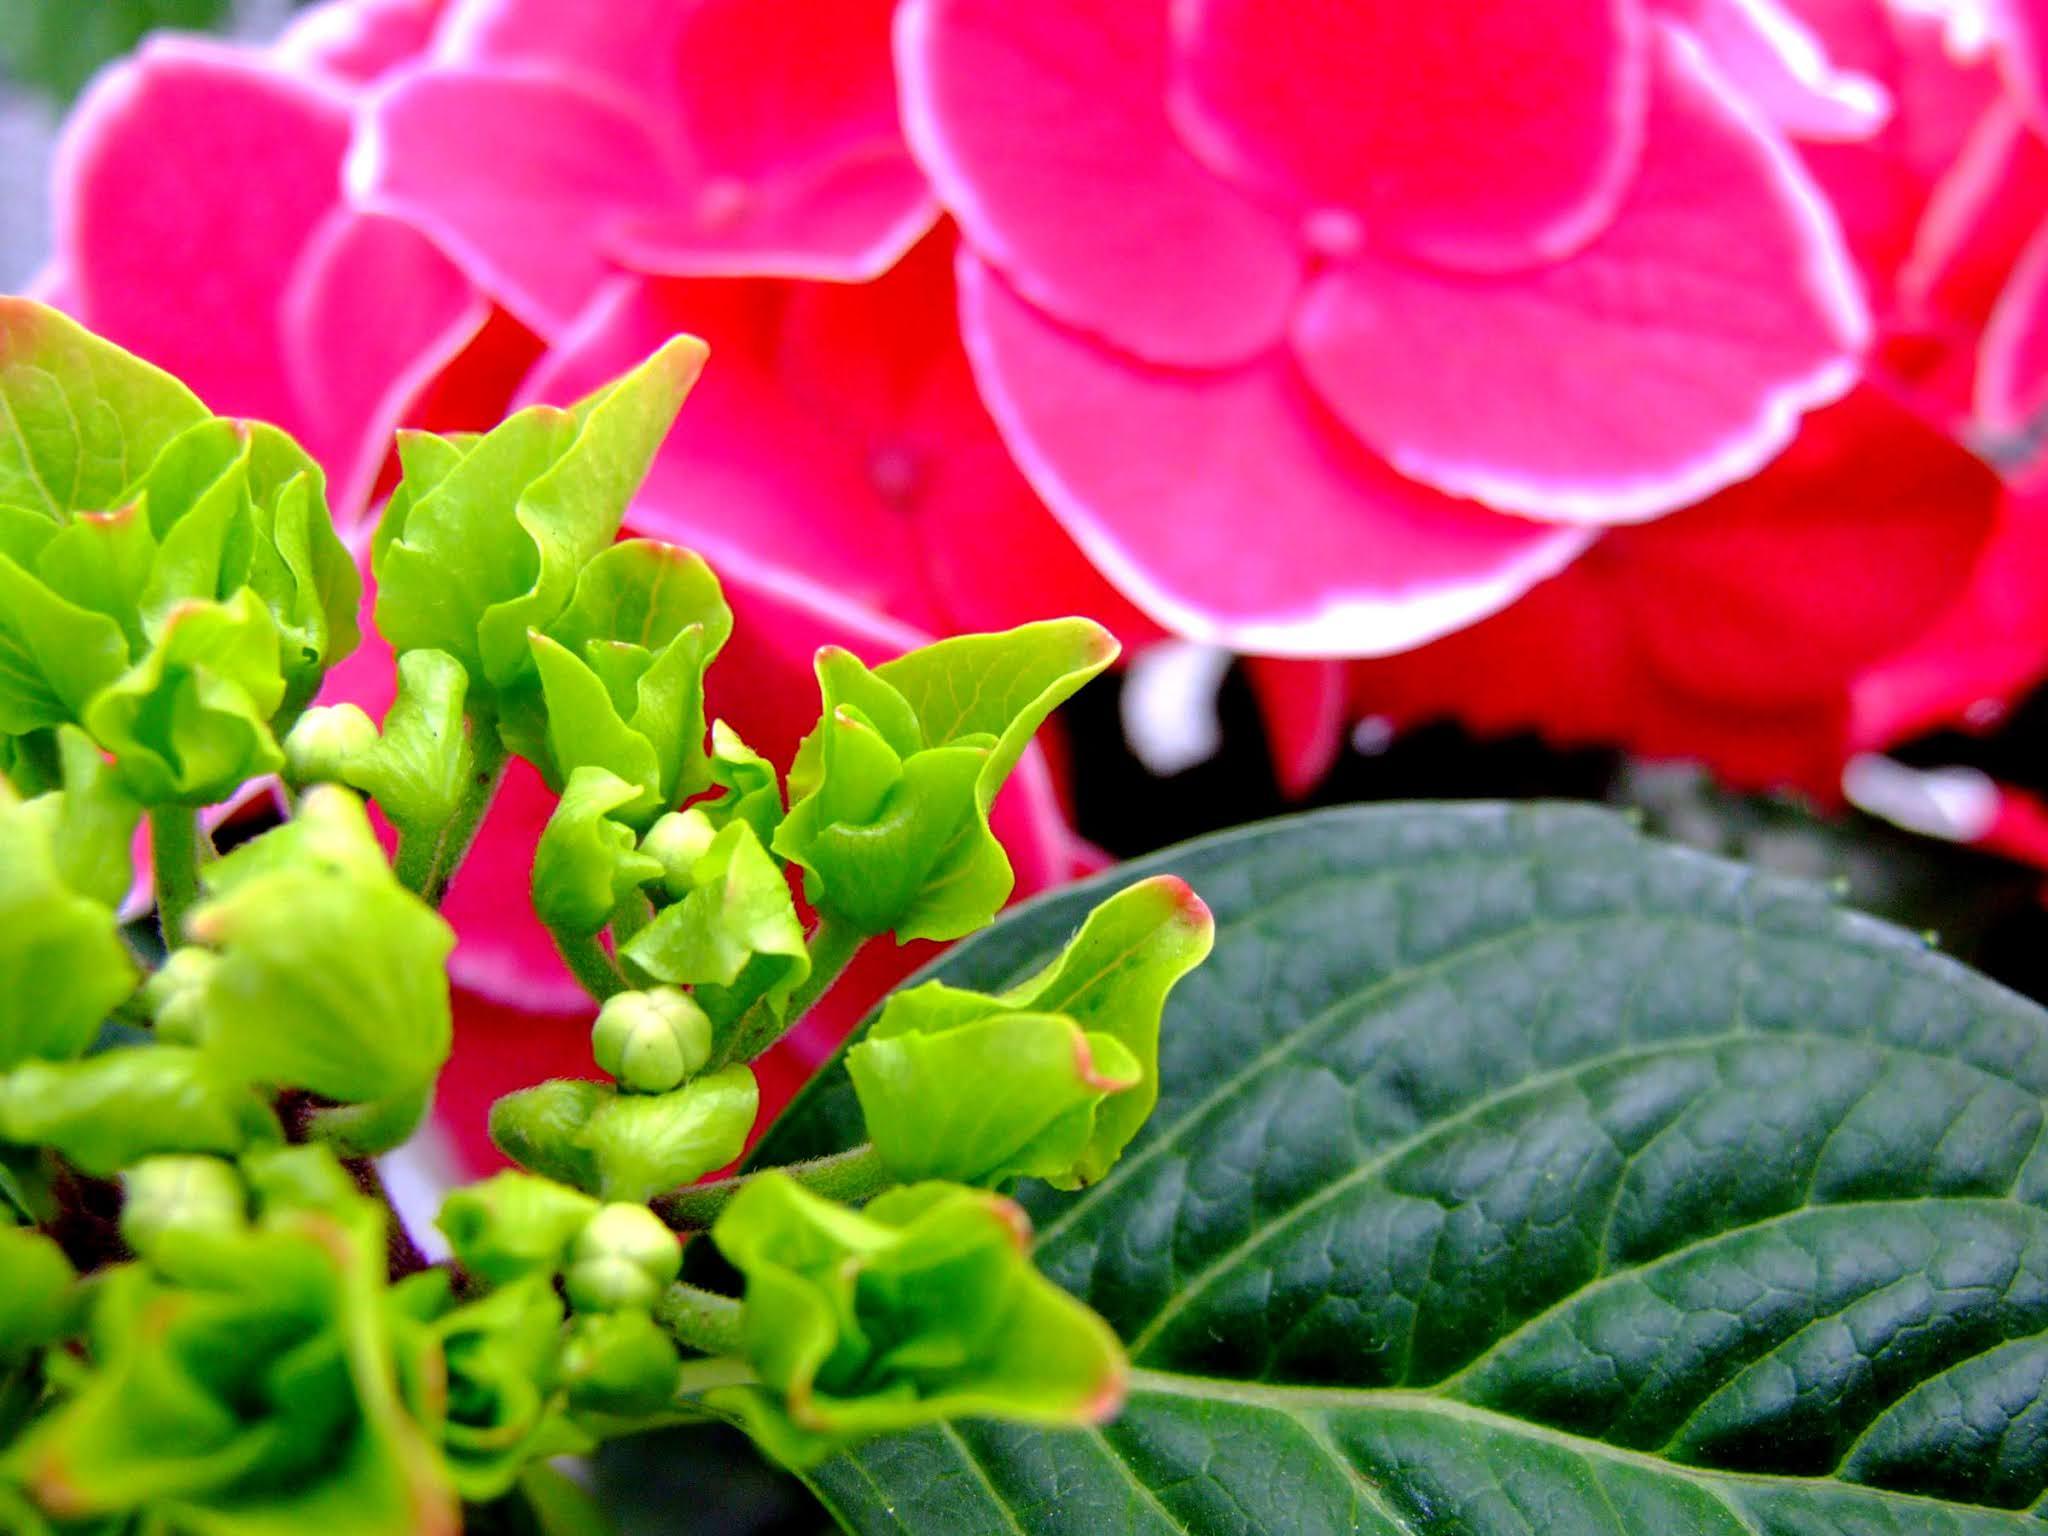 緑のきれいなガクアジサイと、ピンクのアジサイです。梅雨時期のアイキャッチなどに使いやすいと思います。